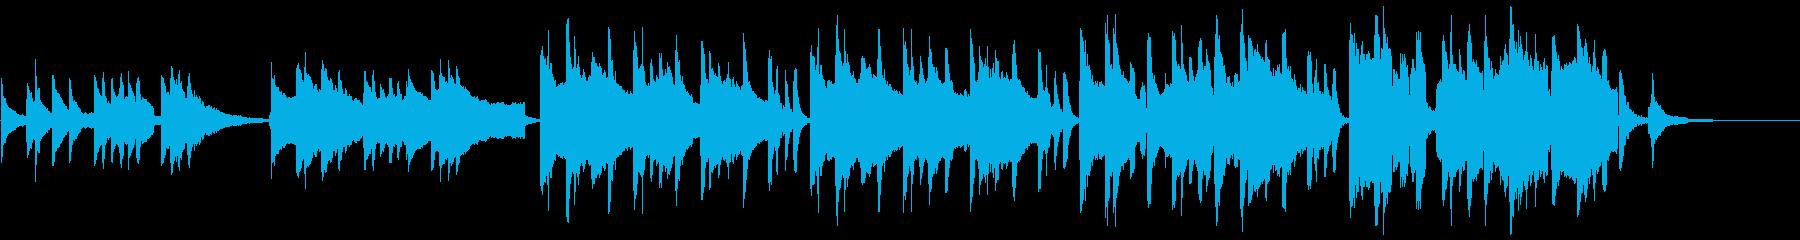 琴と尺八で古風な和を表現した風情のある曲の再生済みの波形